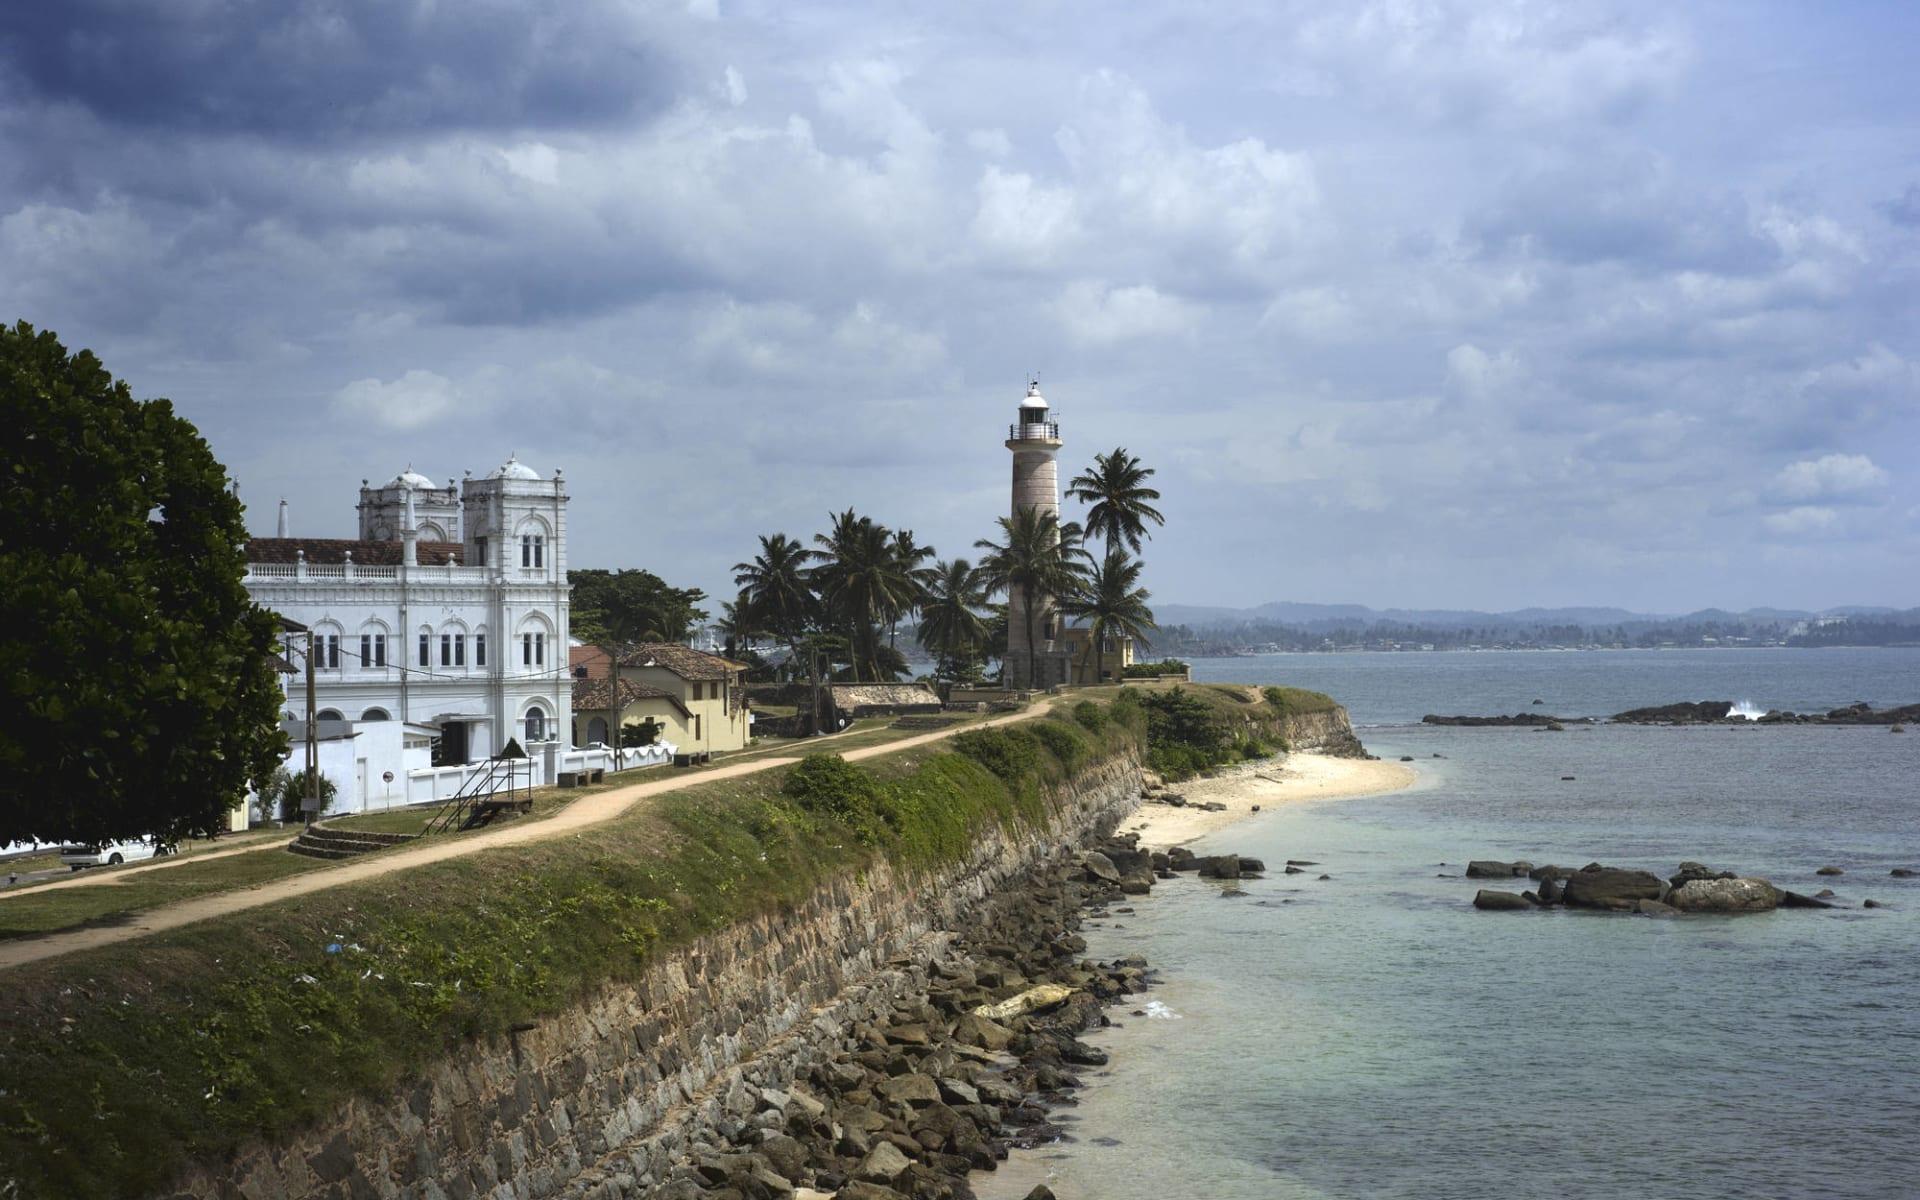 Sri Lanka für Geniesser ab Colombo: Galle with watchtower